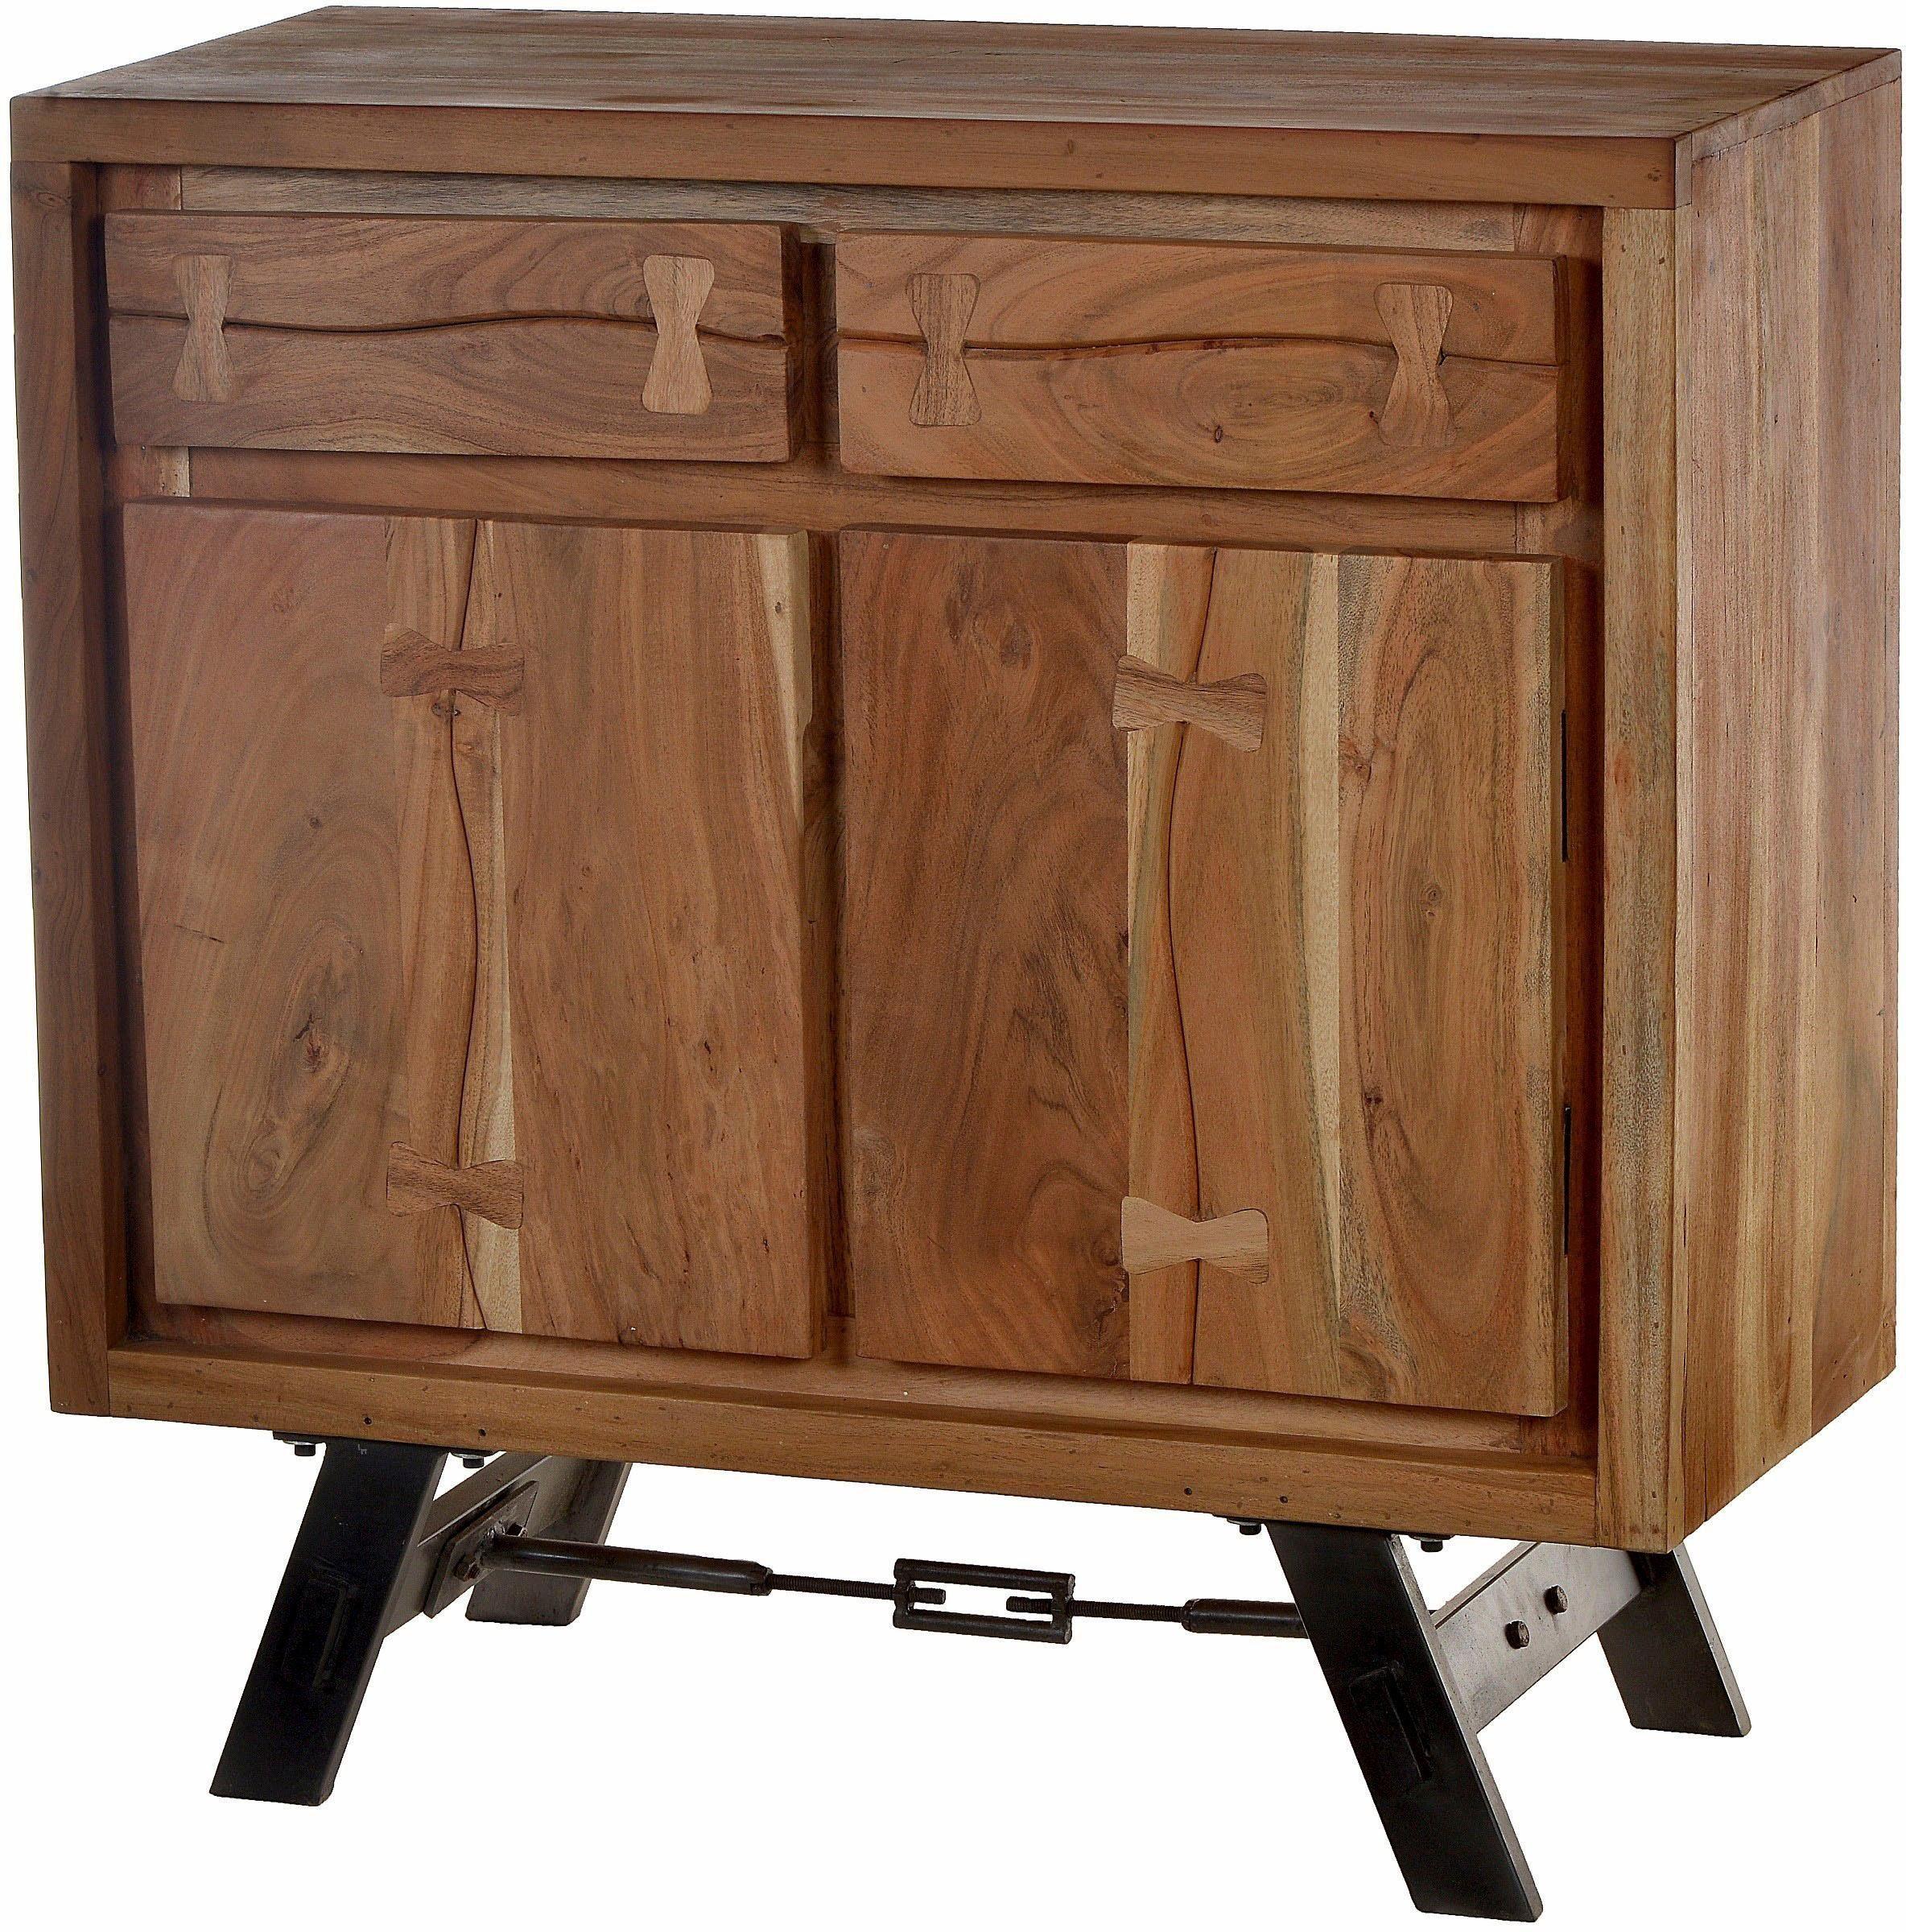 SIT Kommode »Edge«, aus Akazienholz mit Metalluntergestell, mit 2 Türen und 2 Schubladen, Breite 90 cm